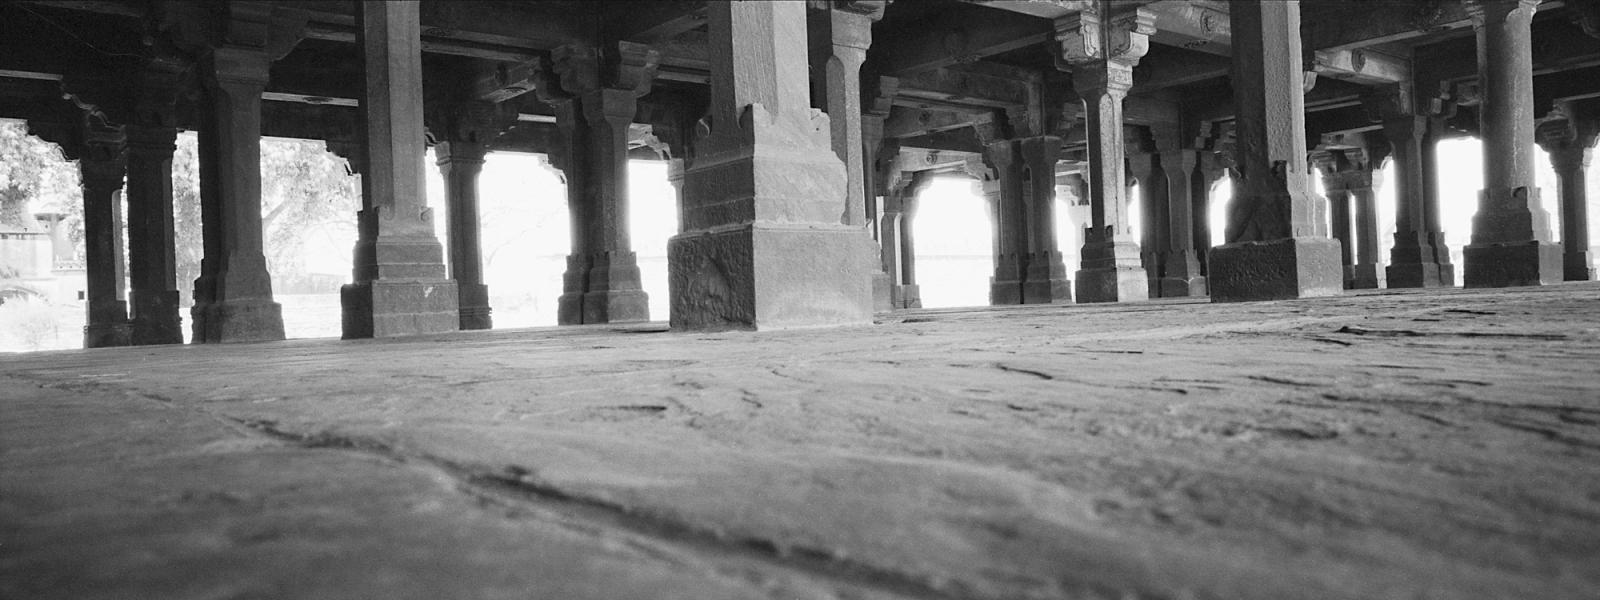 Photography image - Loading INDIA_05__23_701.jpg